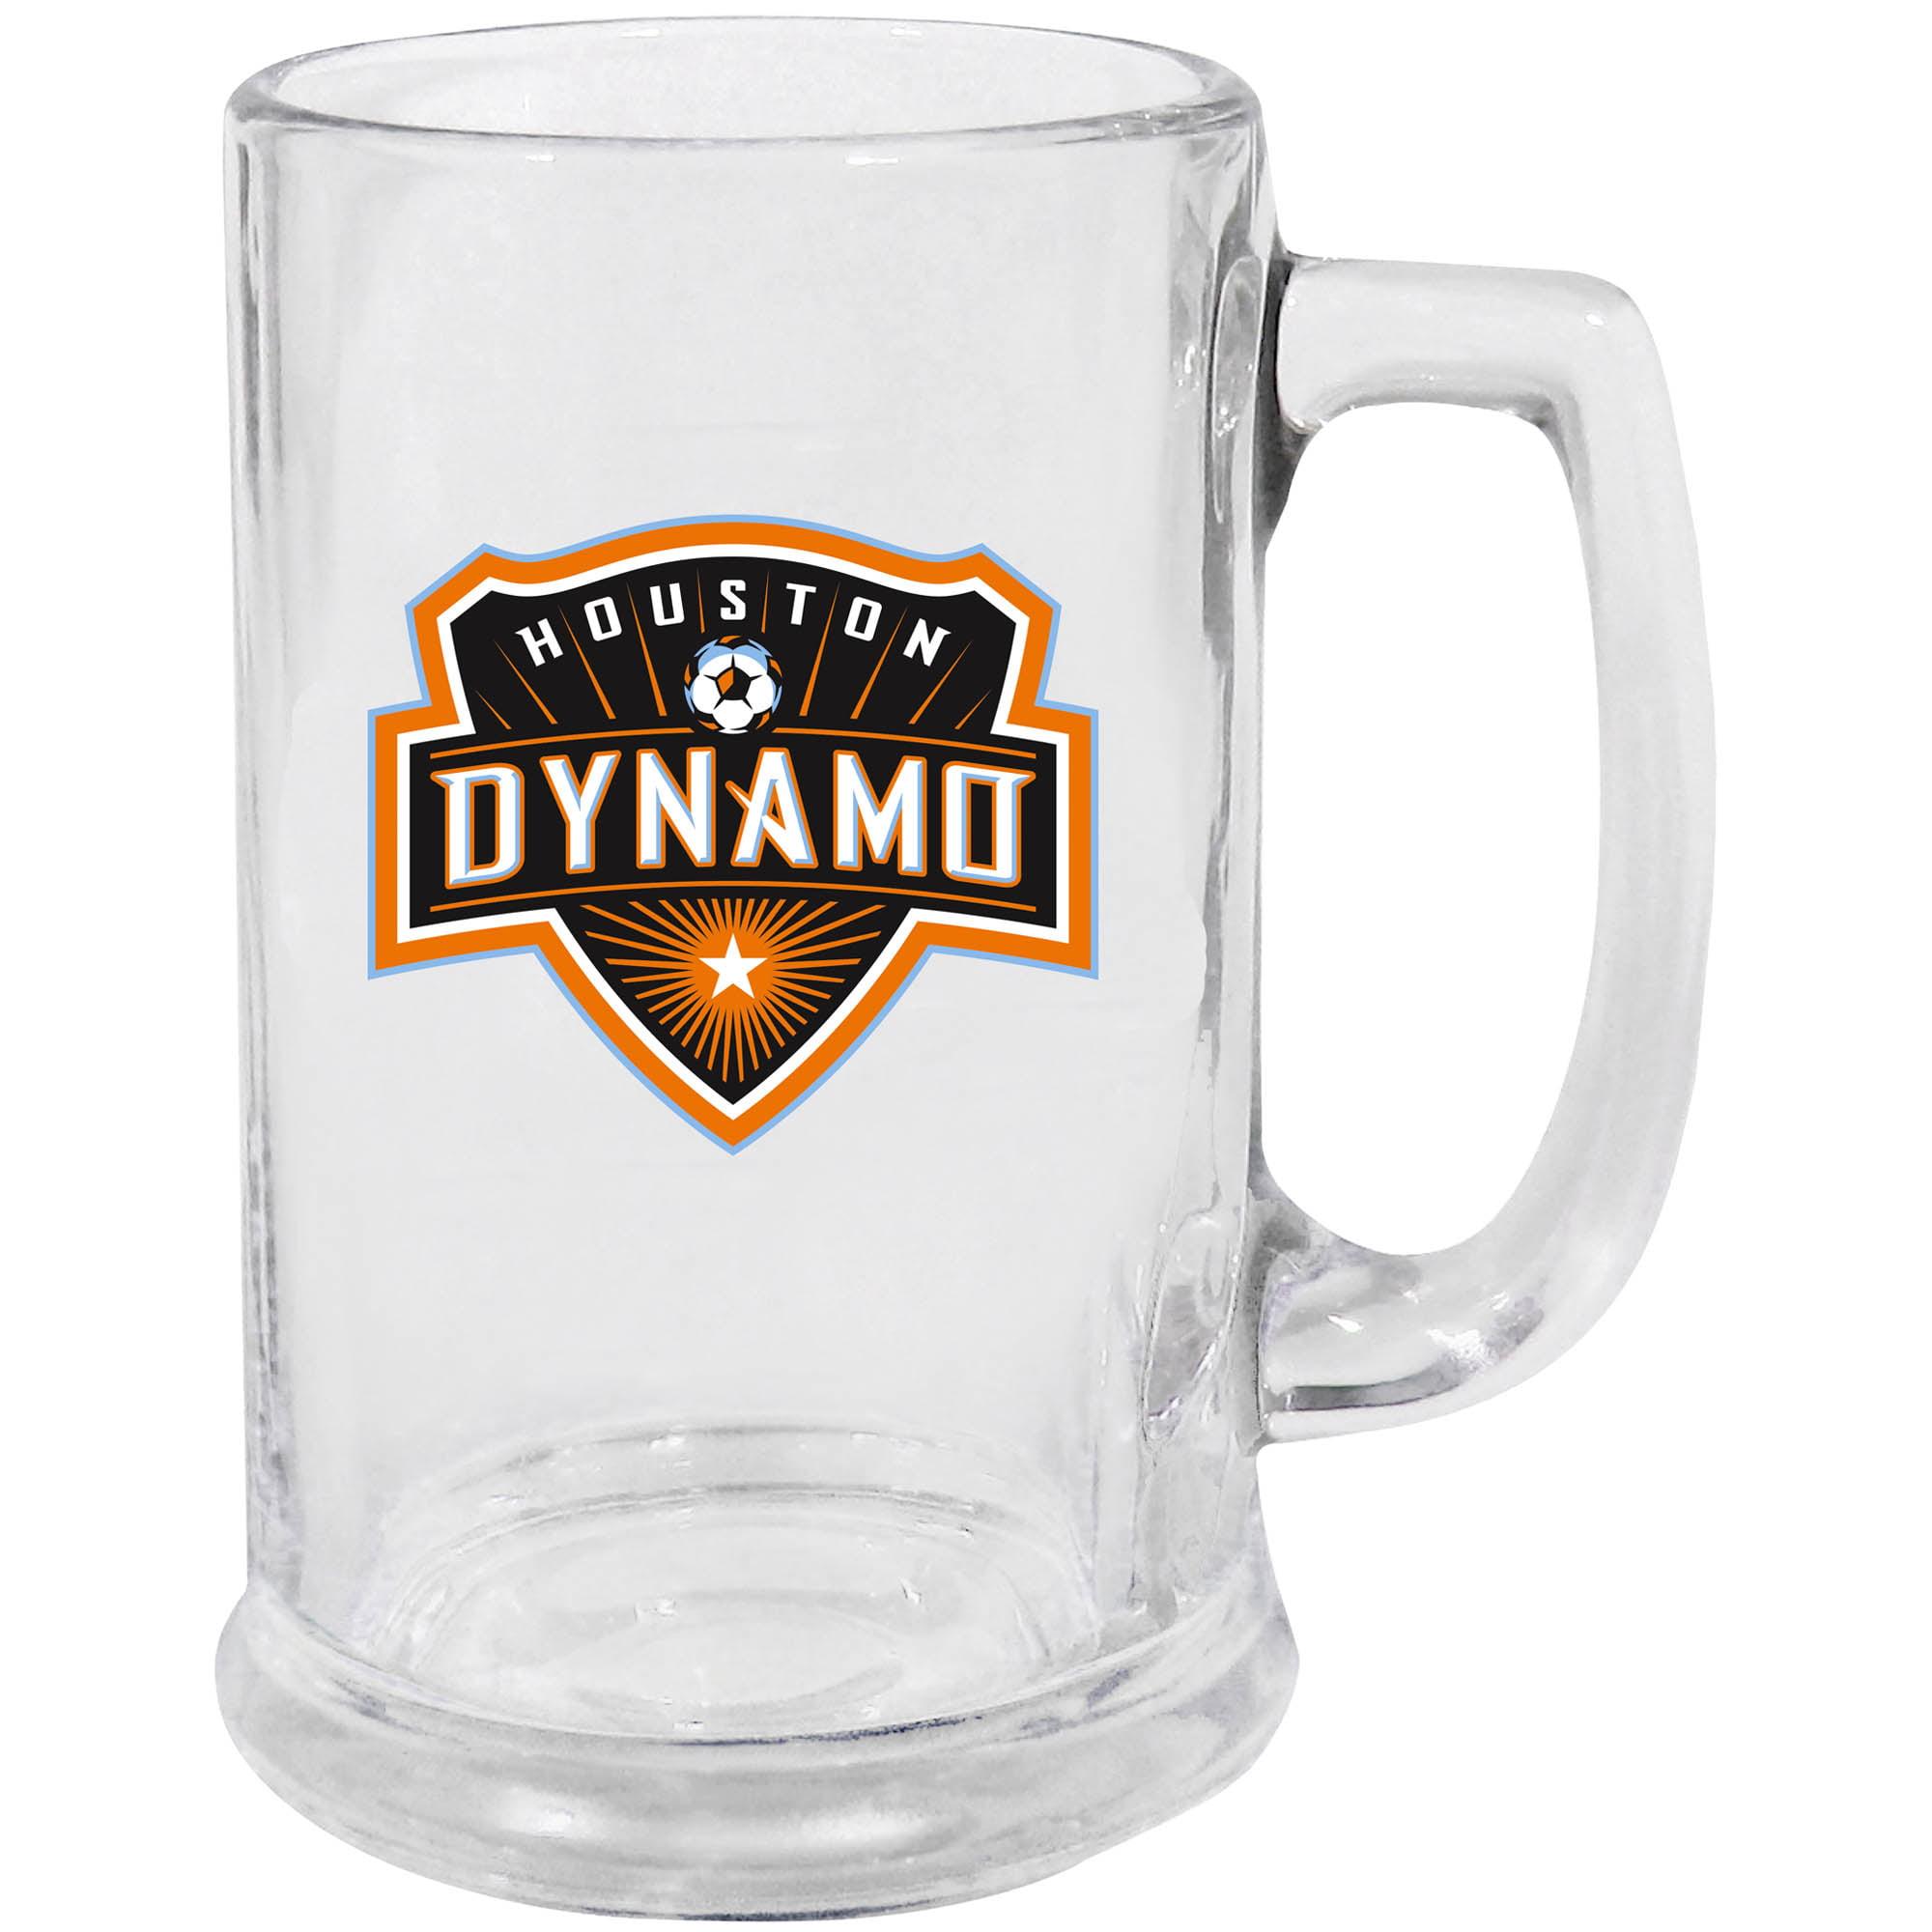 Houston Dynamo 15oz. Glass Stein - No Size